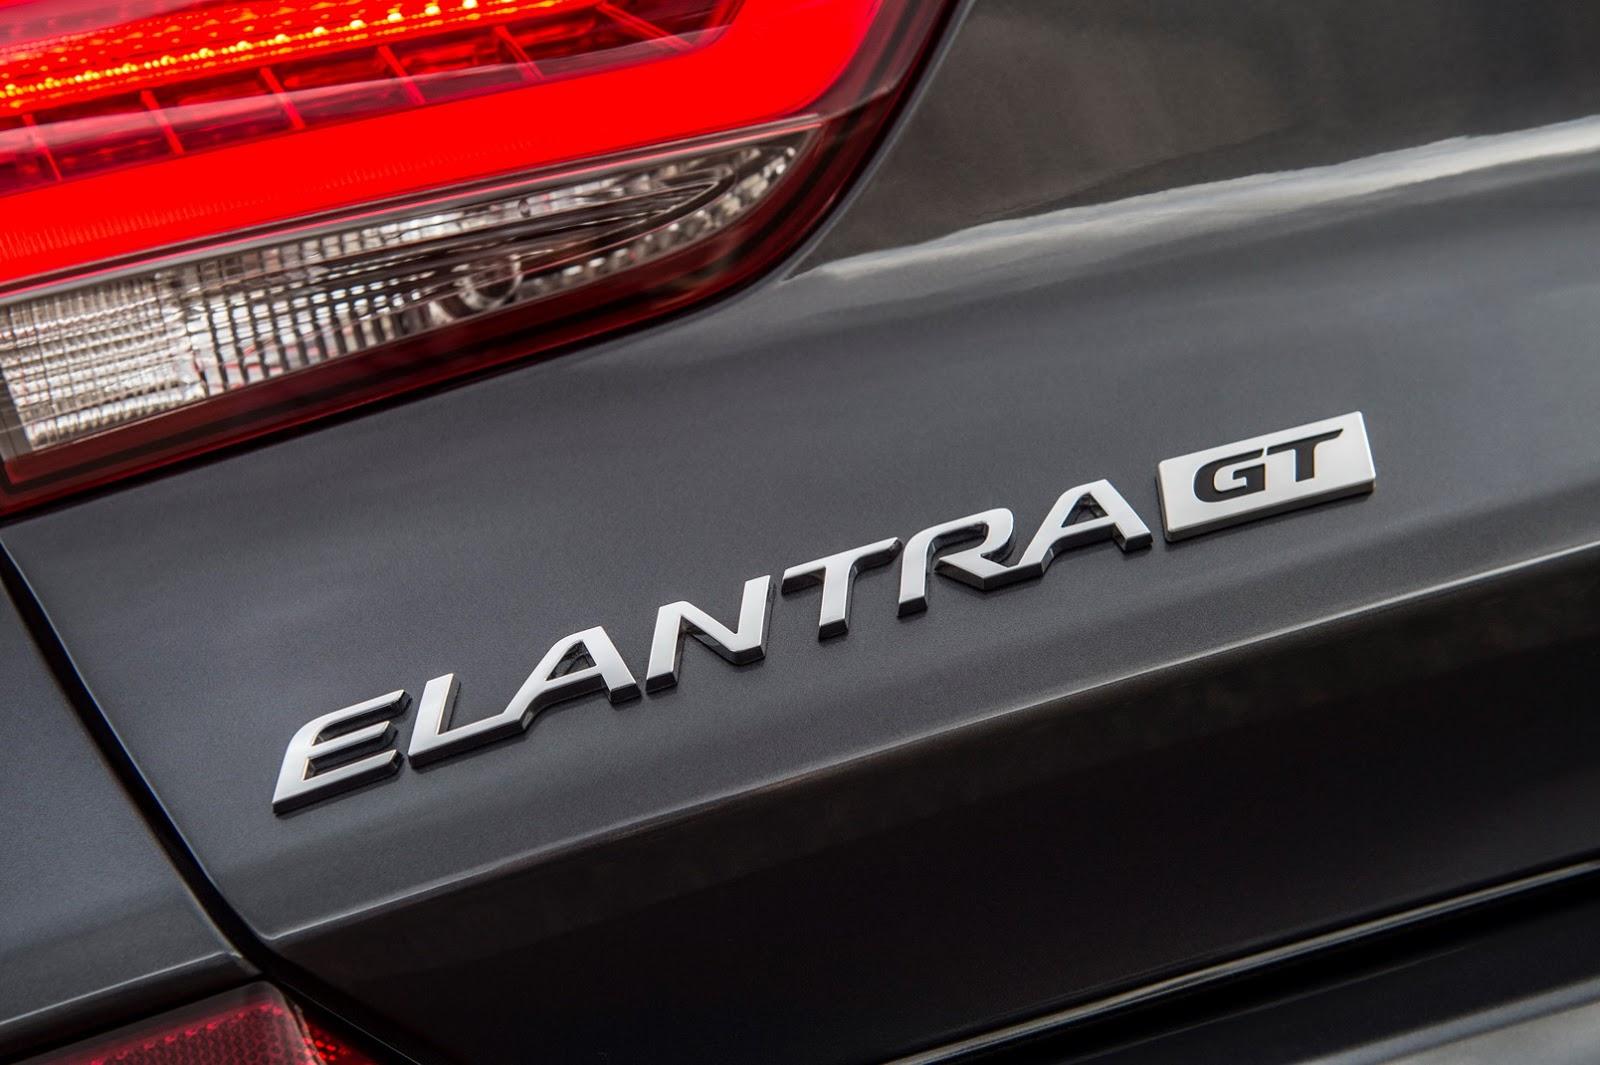 Hyundai Elantra GT 2018 (20)